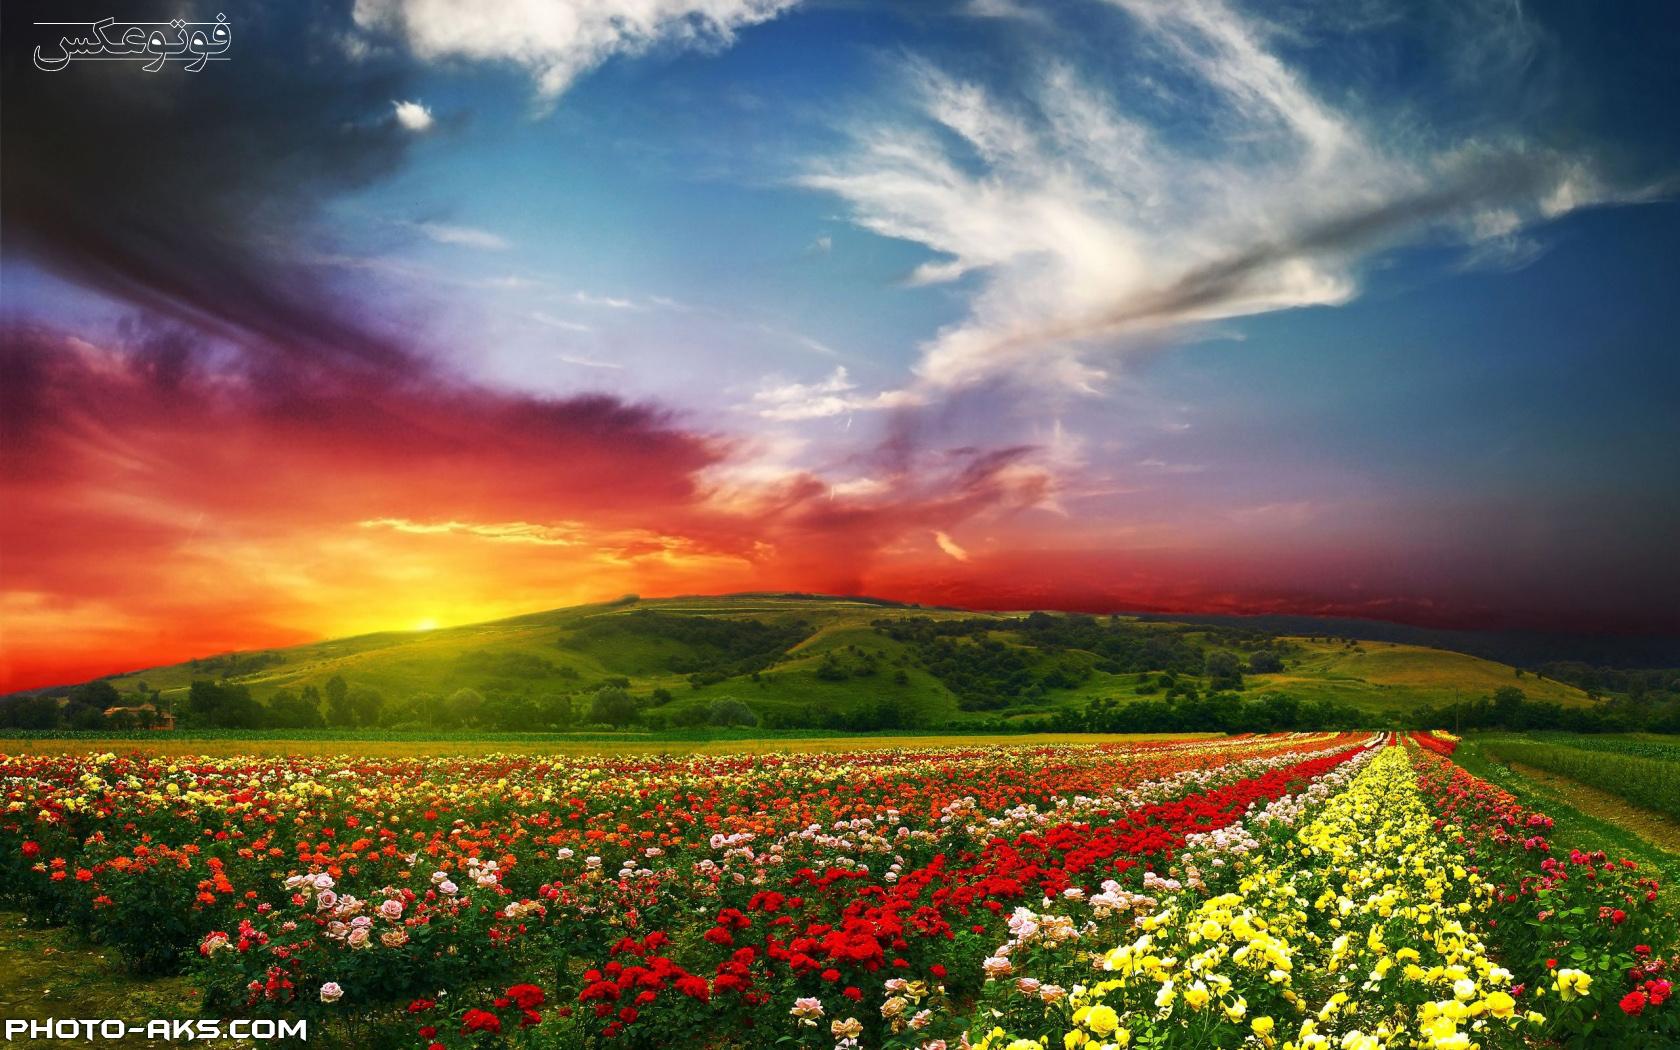 spring-nature-landscape.jpg